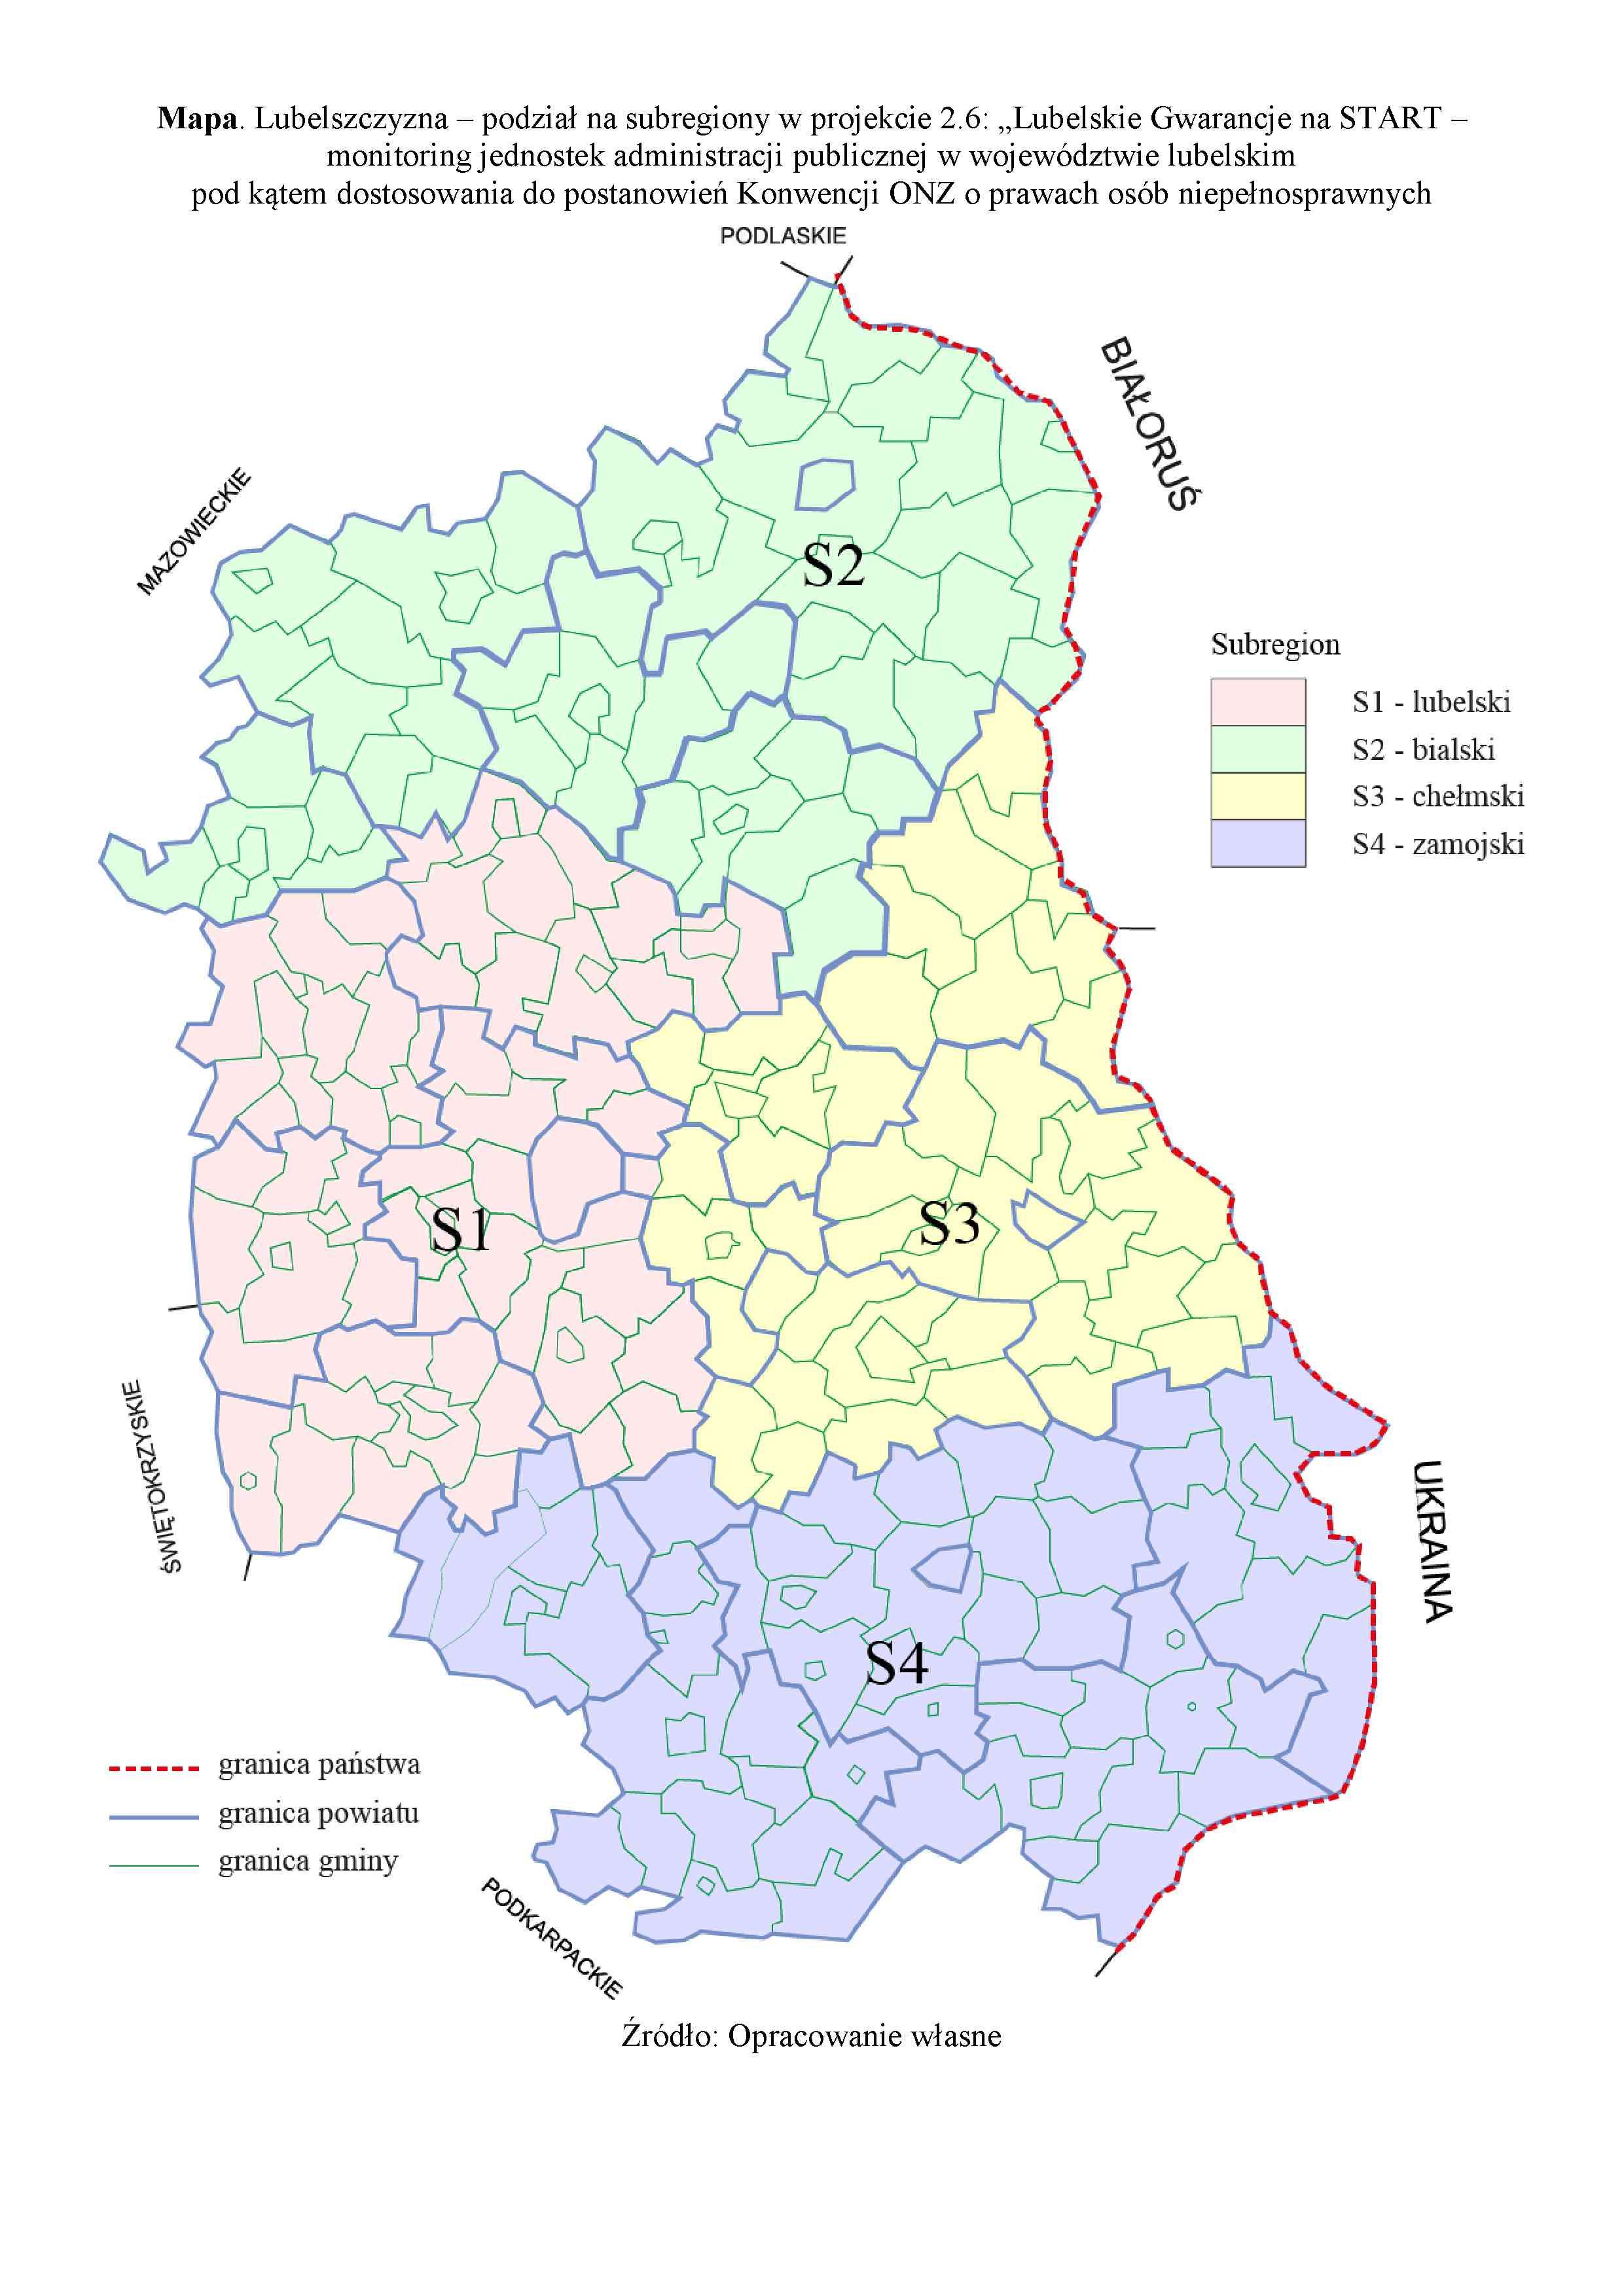 Podzial na 4 subregiony instytucje wylosowane do monitoringu